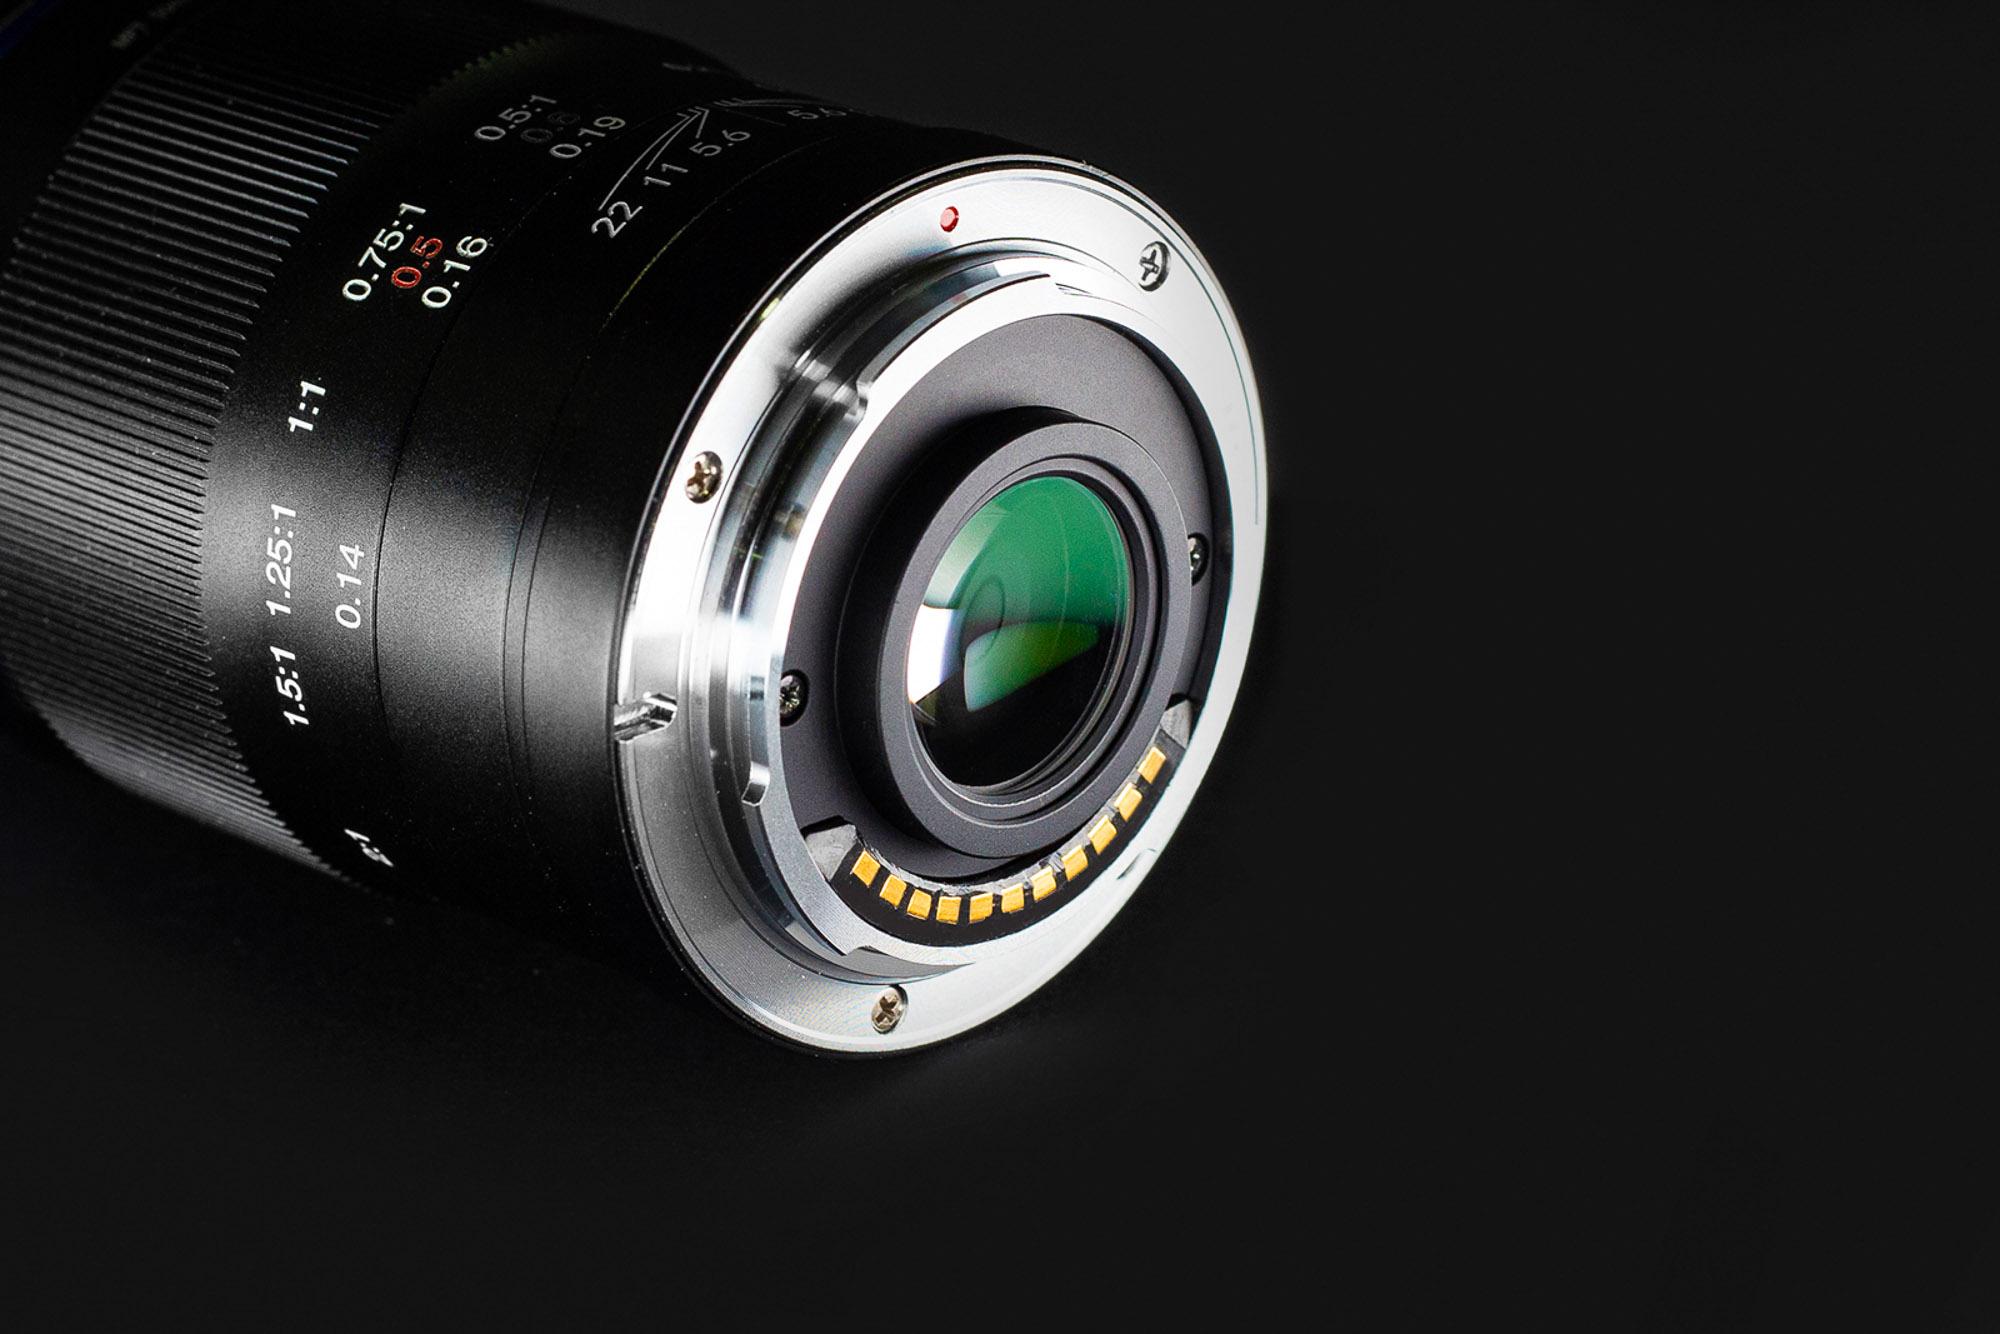 Obiektyw Venus Optics Laowa 50 mm f/2,8 do Micro 4/3 na czarnym tle